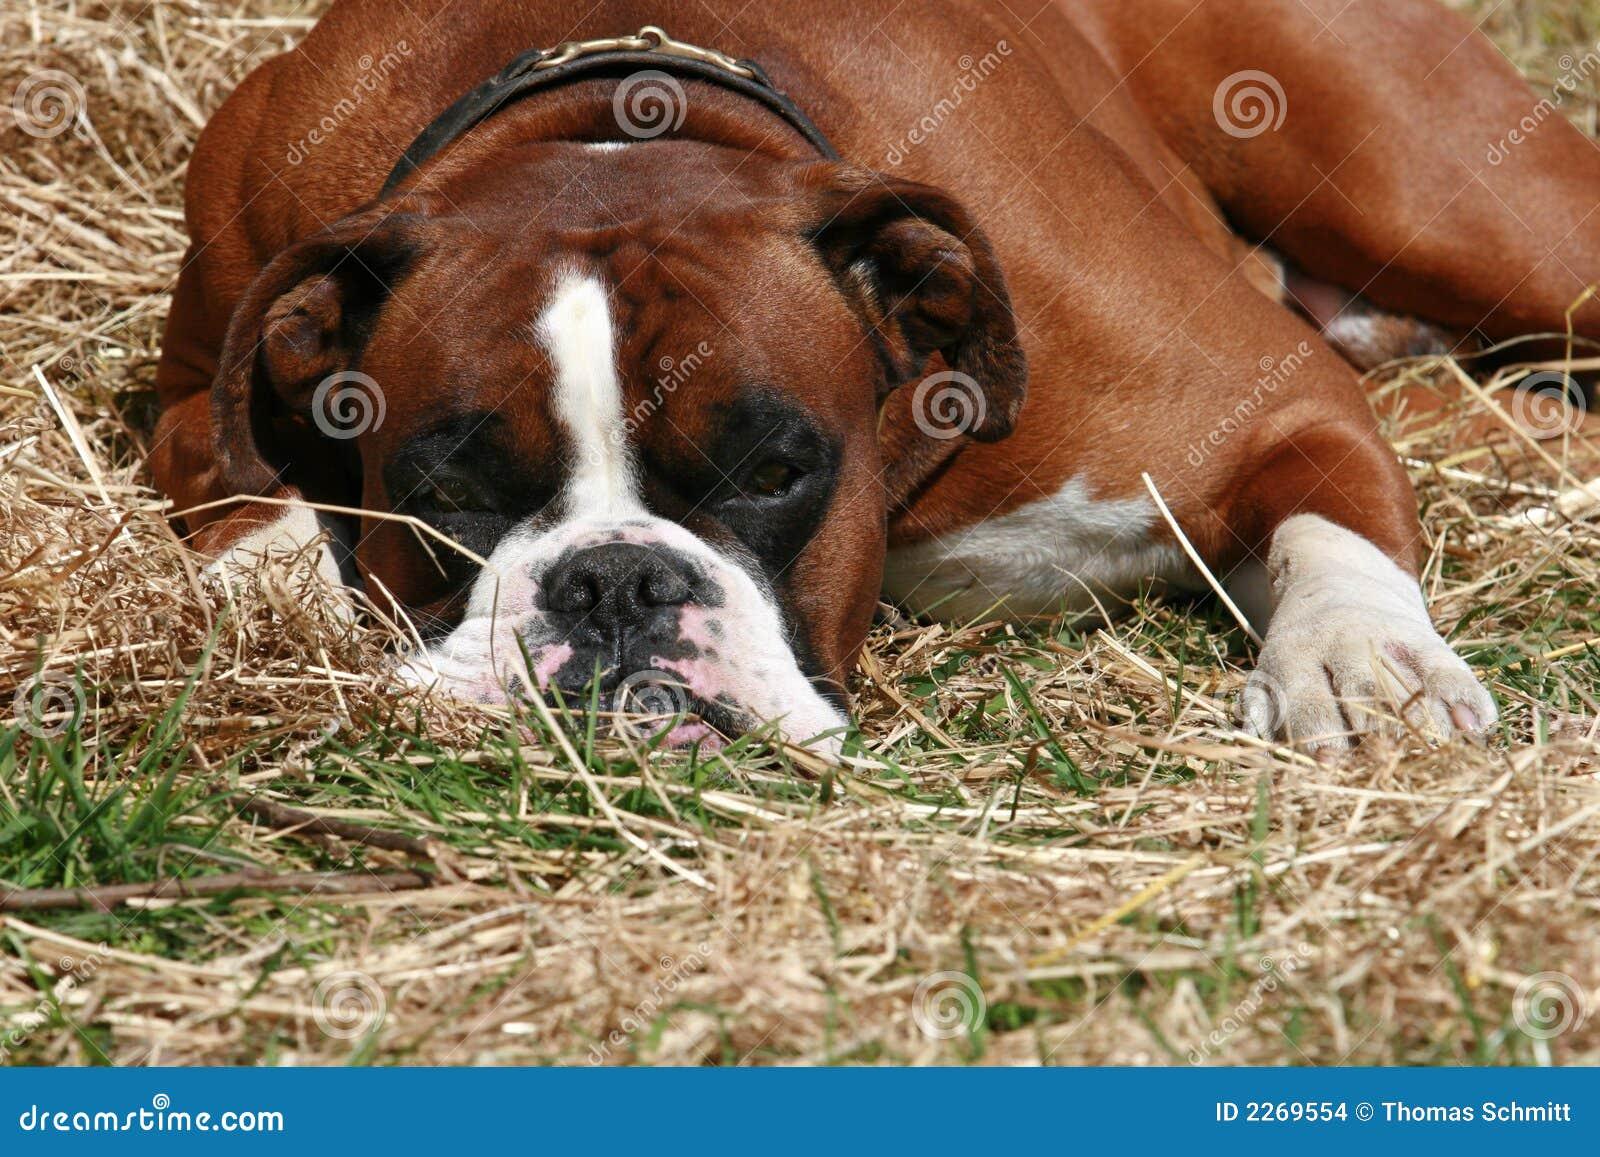 Hund auf dem Heu